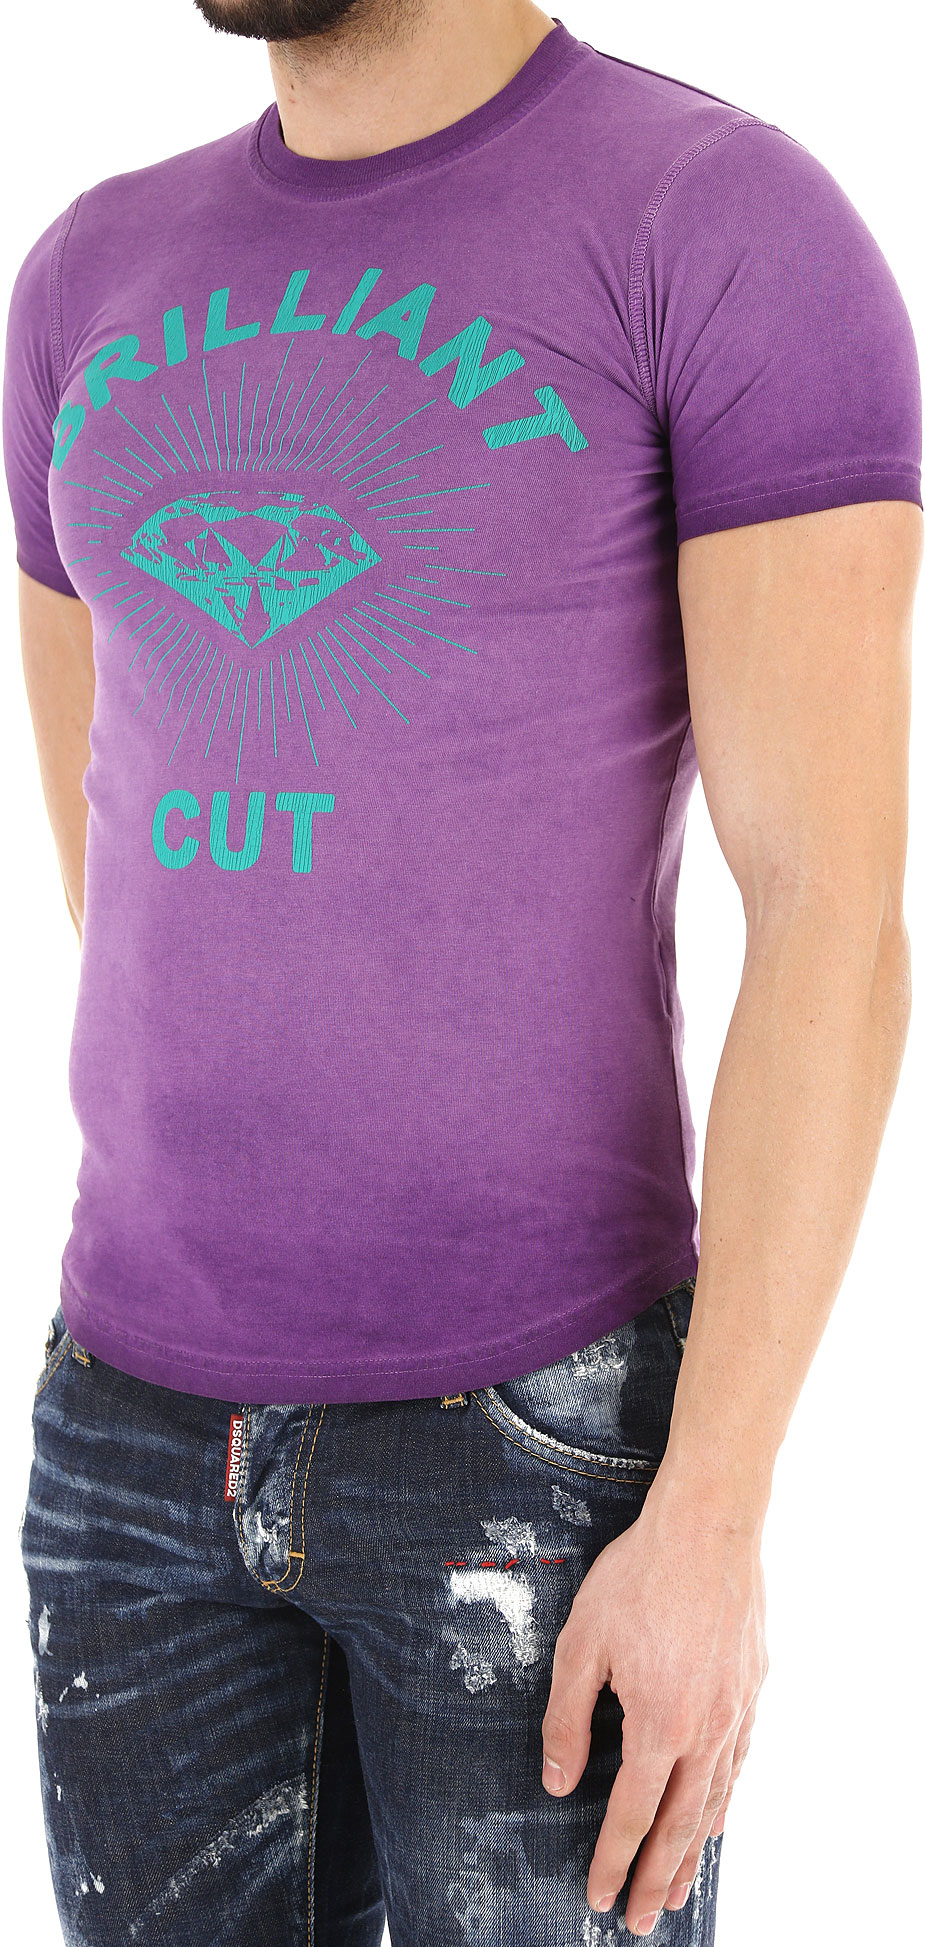 382 Codice Abbigliamento Dsquared gd0166 Abbigliamento Articolo Uomo Uomo s20694 qwT8zI